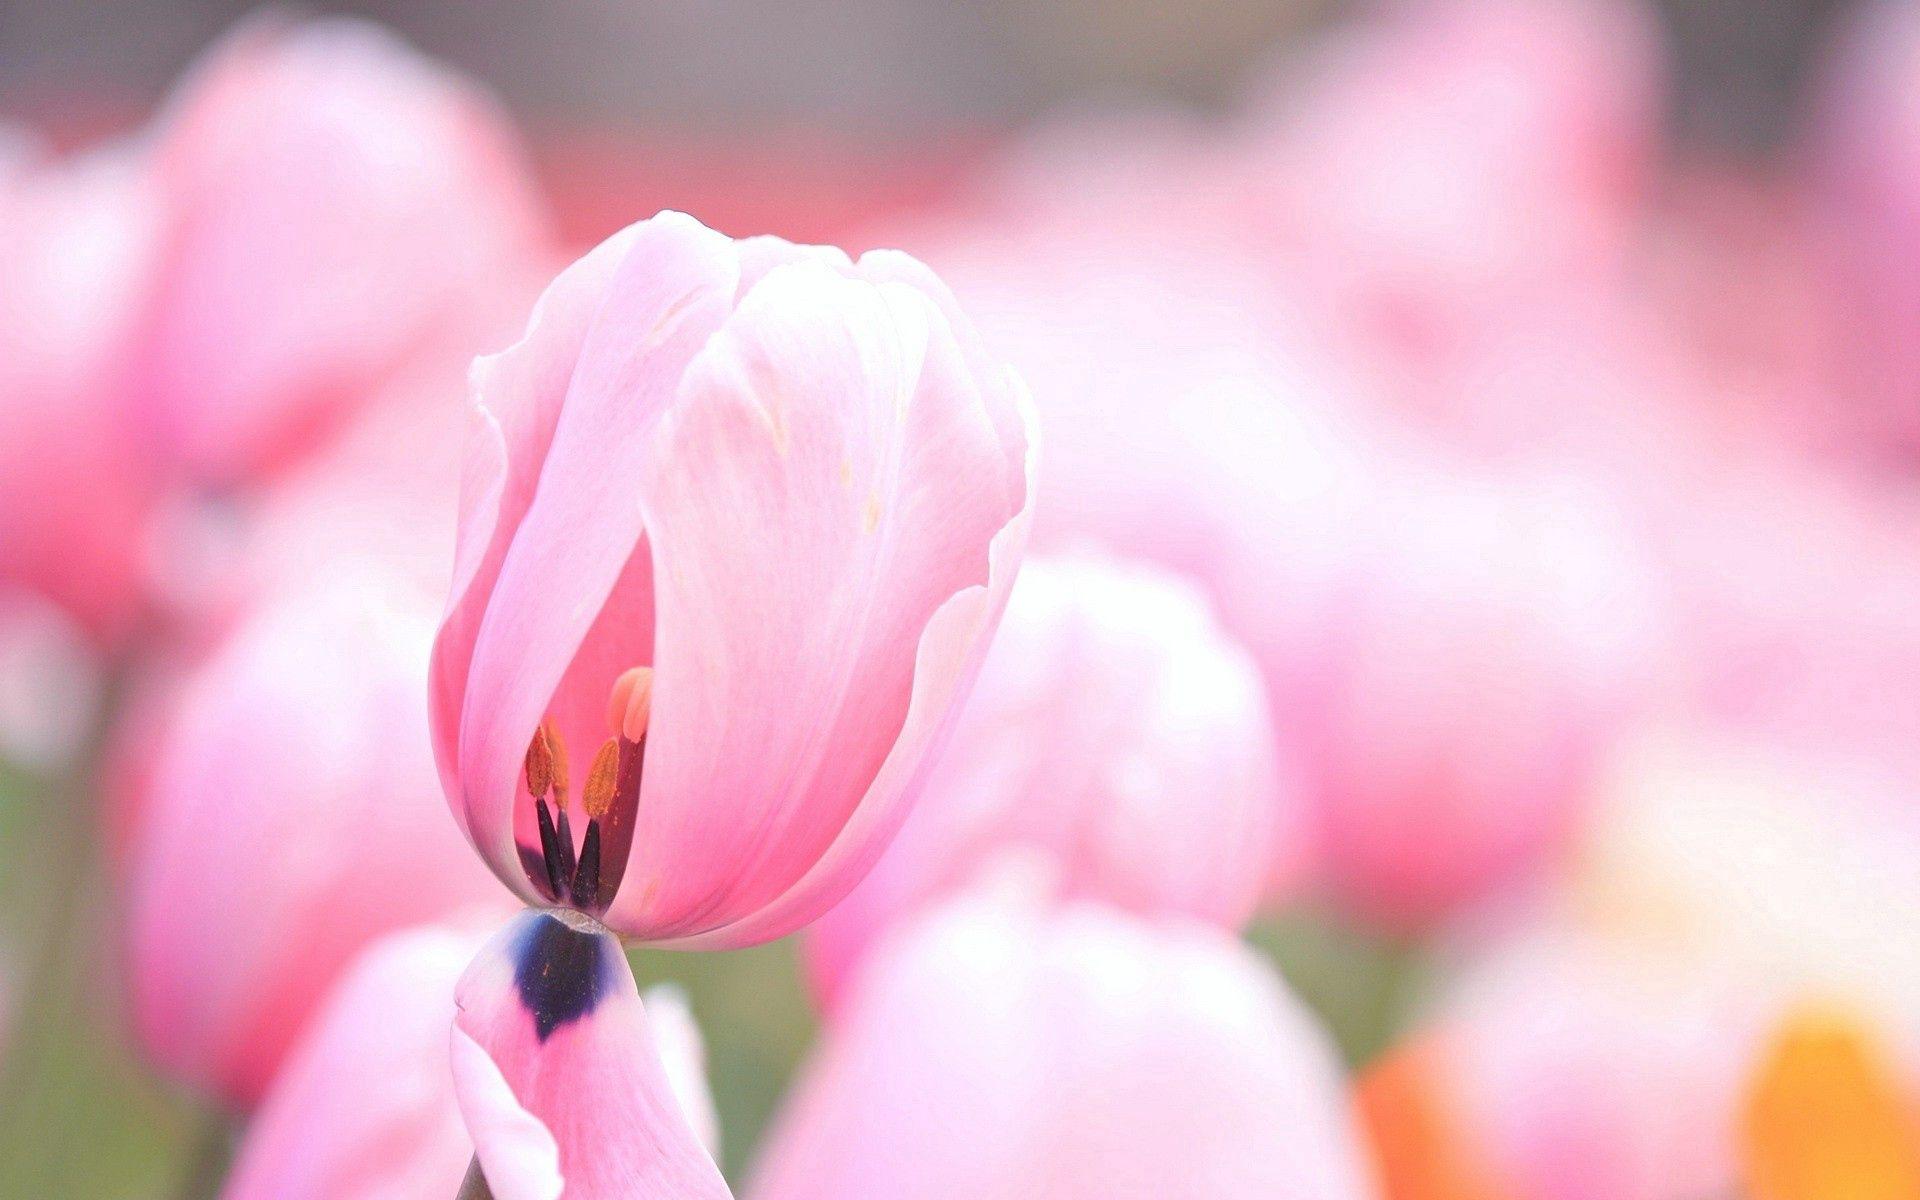 146701 скачать обои Тюльпаны, Цветы, Макро, Розовые - заставки и картинки бесплатно